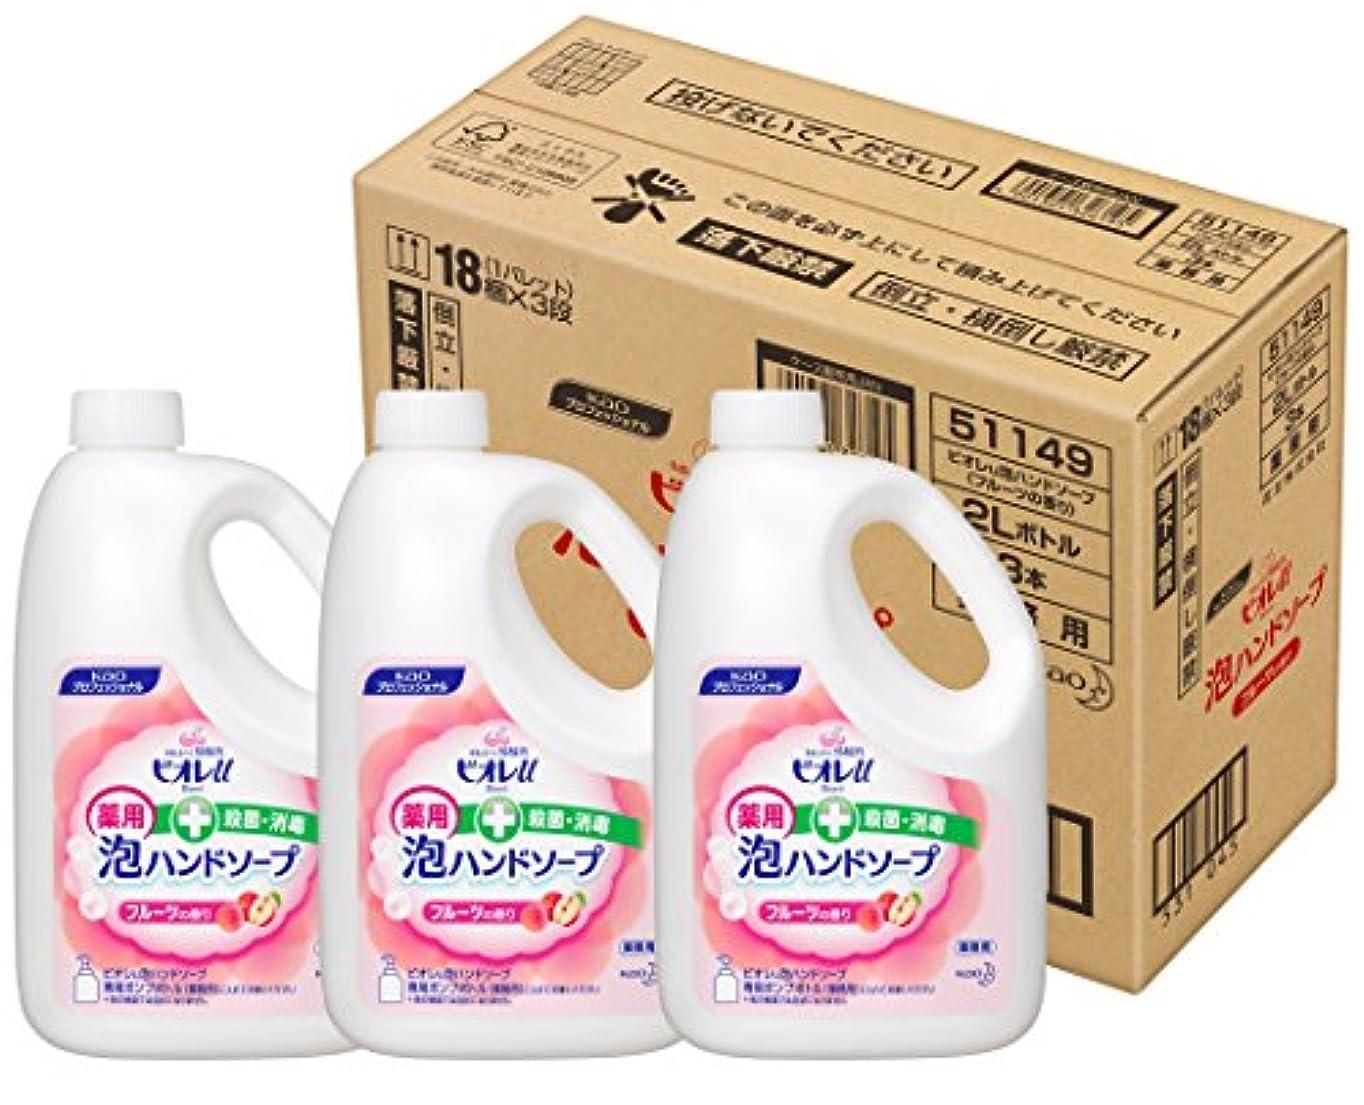 信頼性のある虎スリム【ケース販売 業務用 泡ハンドソープ】ビオレu 泡ハンドソープ フルーツの香り 2L×3(プロフェッショナルシリーズ)